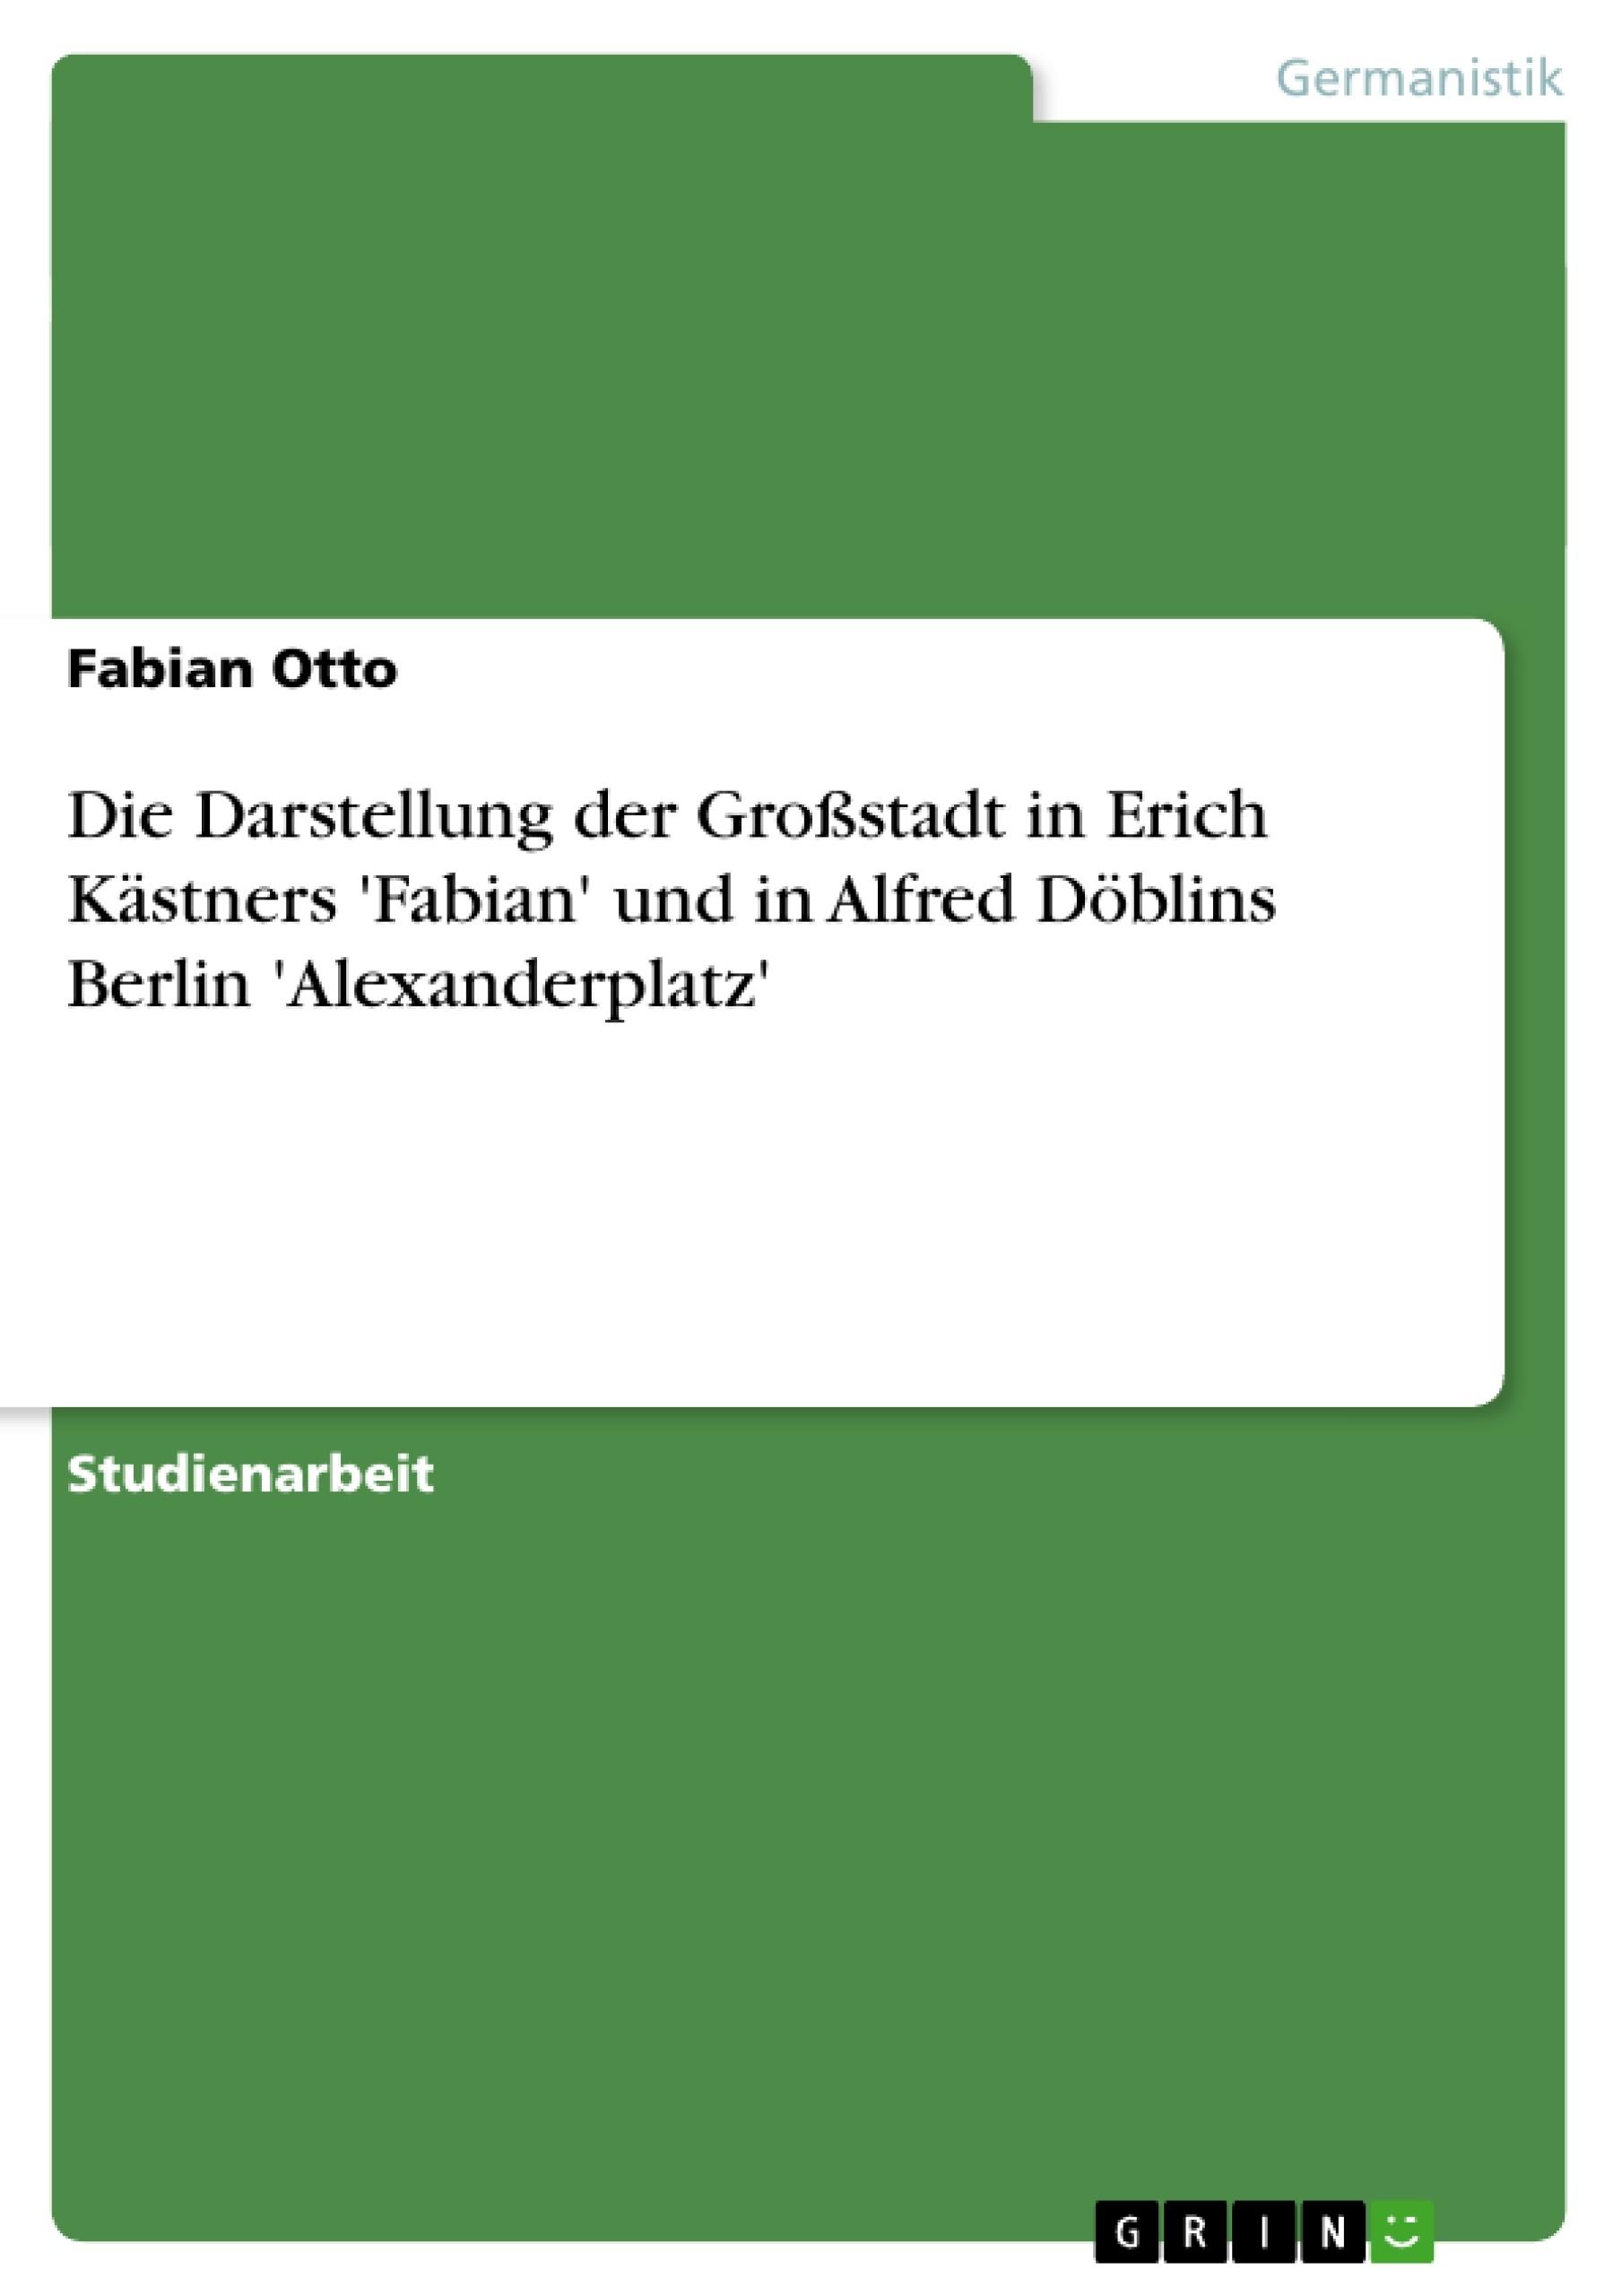 Titel: Die Darstellung der Großstadt in Erich Kästners 'Fabian' und in Alfred Döblins Berlin 'Alexanderplatz'